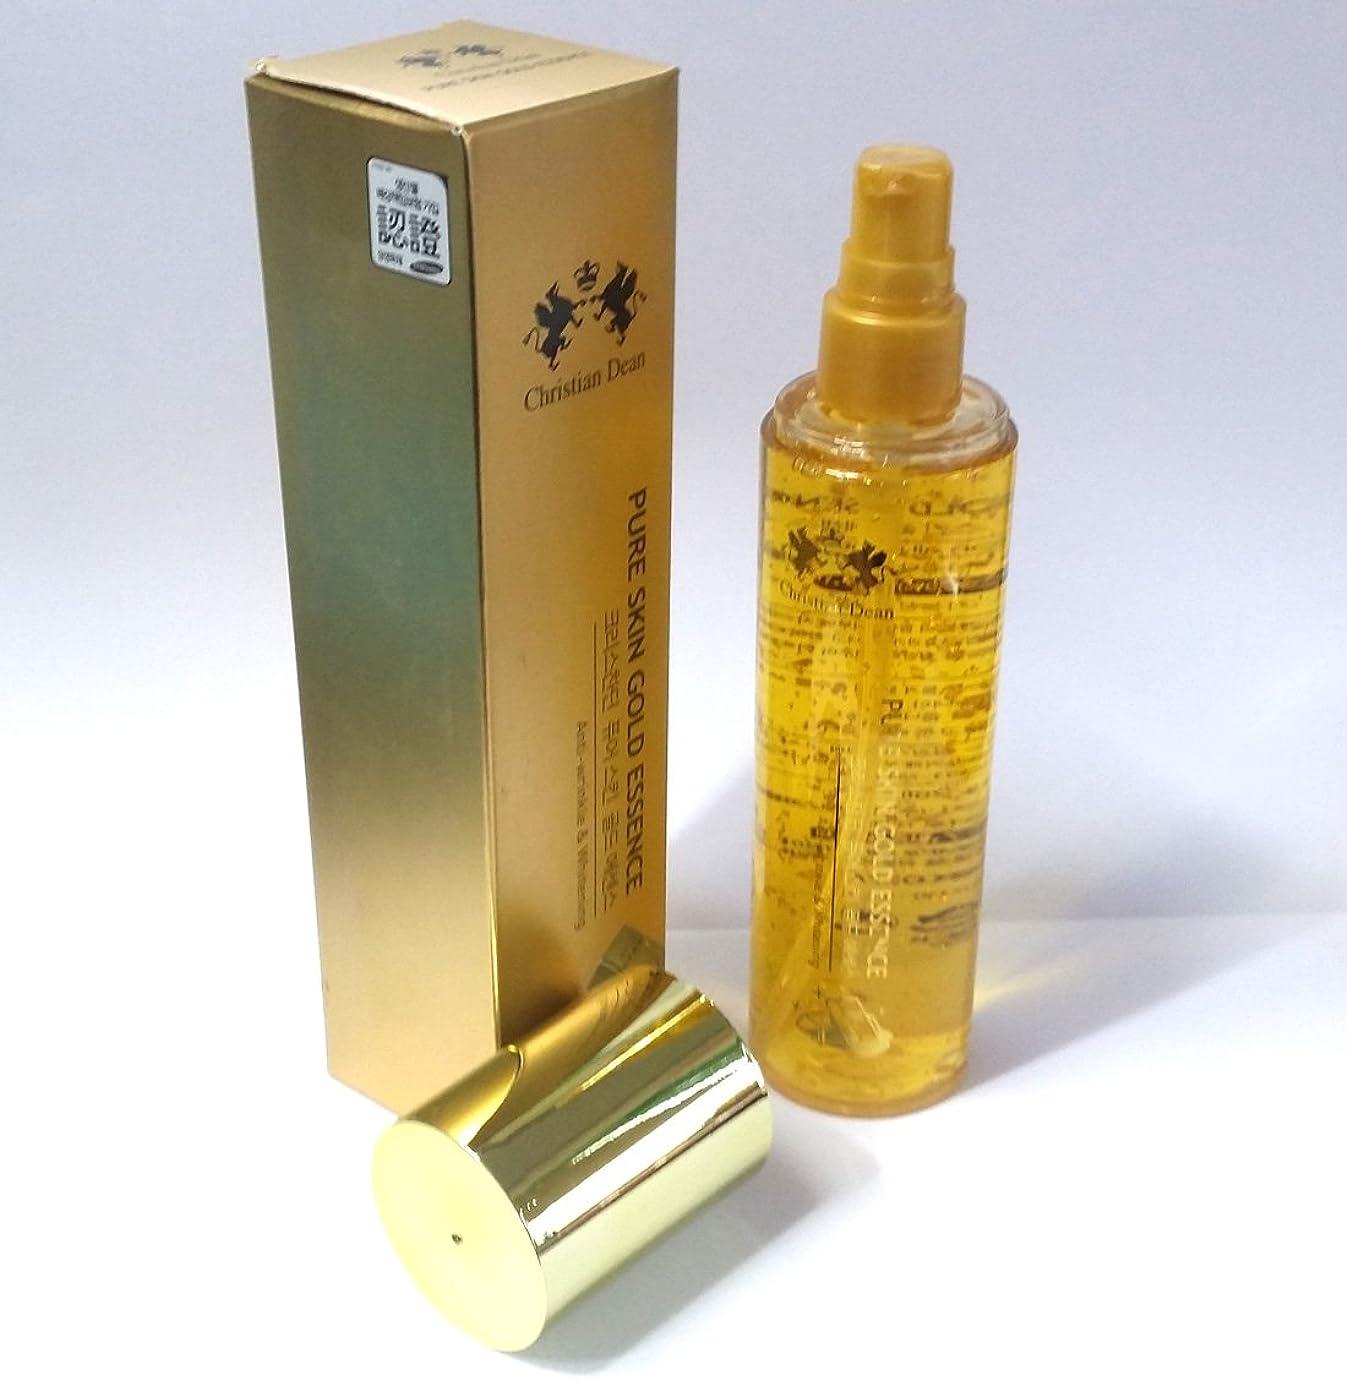 自発的詳細に逃す[Christian Dean] ピュアスキンゴールドエッセンス150ml/Pure Skin Gold Essence 150ml/Whitening/ホワイトニング/ピュアゴールドエキス(99.9%)/韓国化粧品/pure gold extract (99.9%)/Korean cosmetics [並行輸入品]